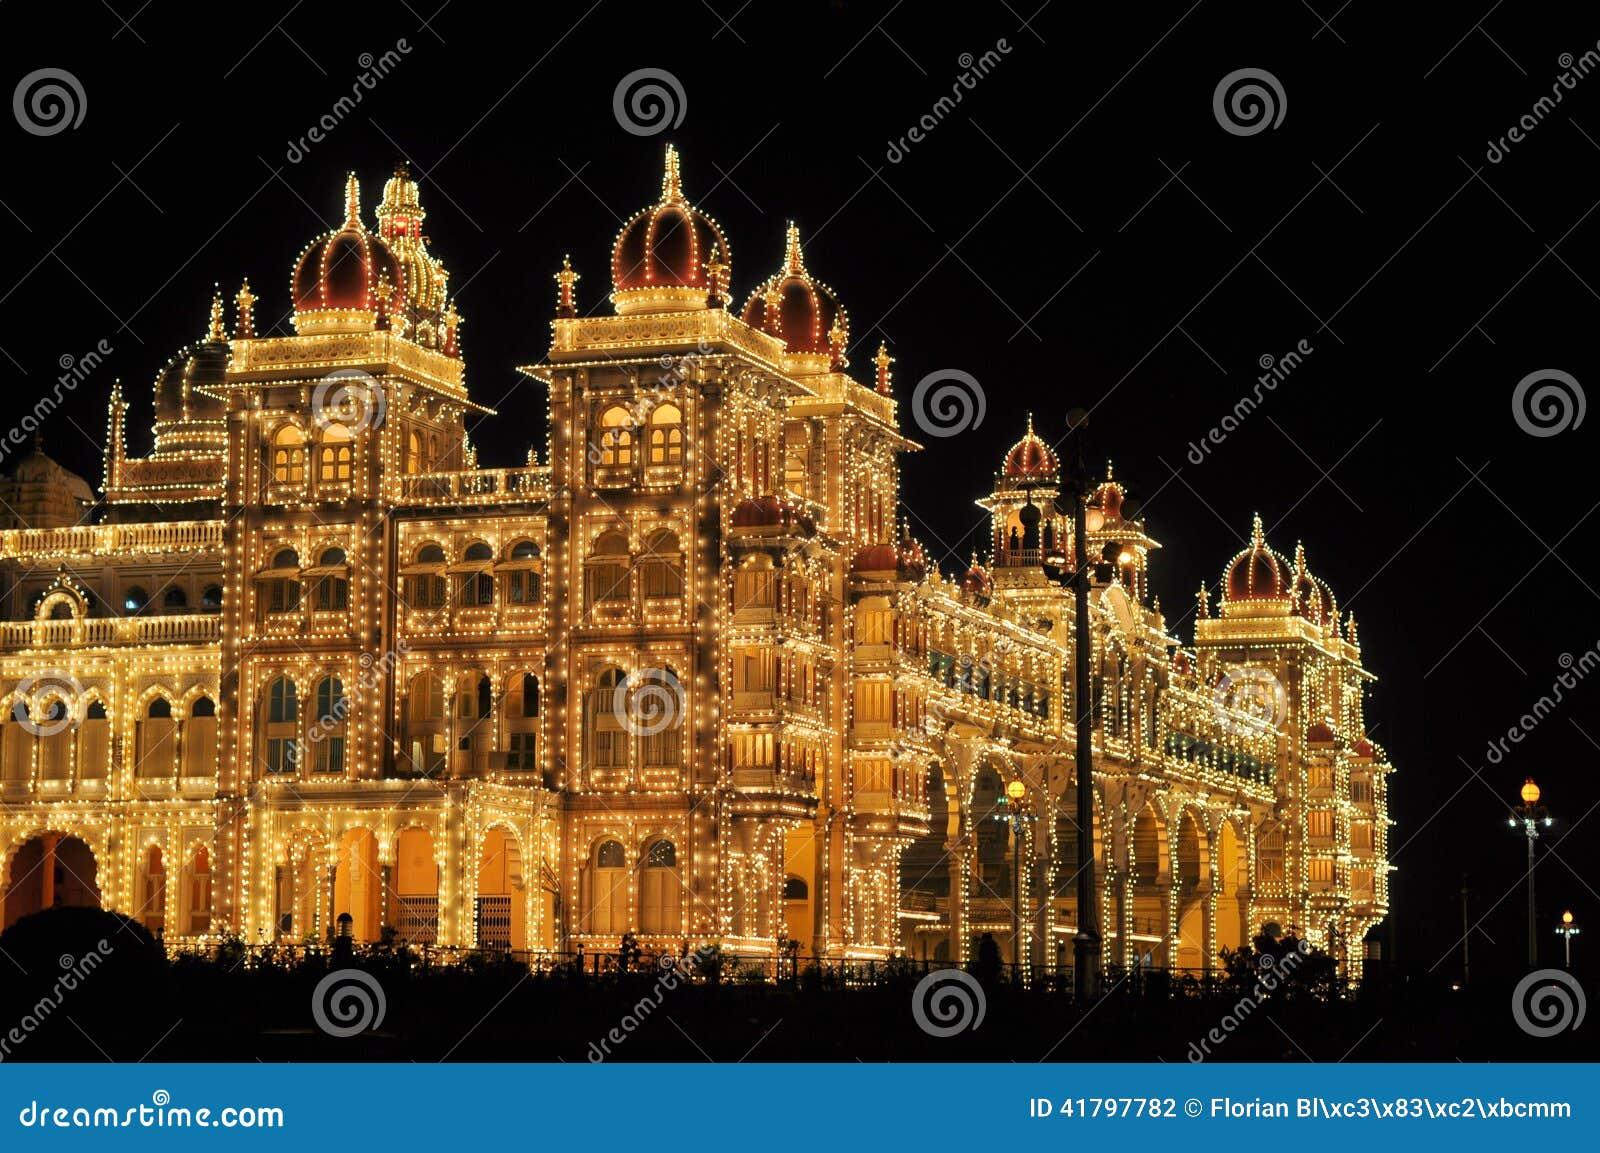 Carte De Linde Mysore.Palais De Mysore Dans L Inde Illuminee La Nuit Photo Stock Image